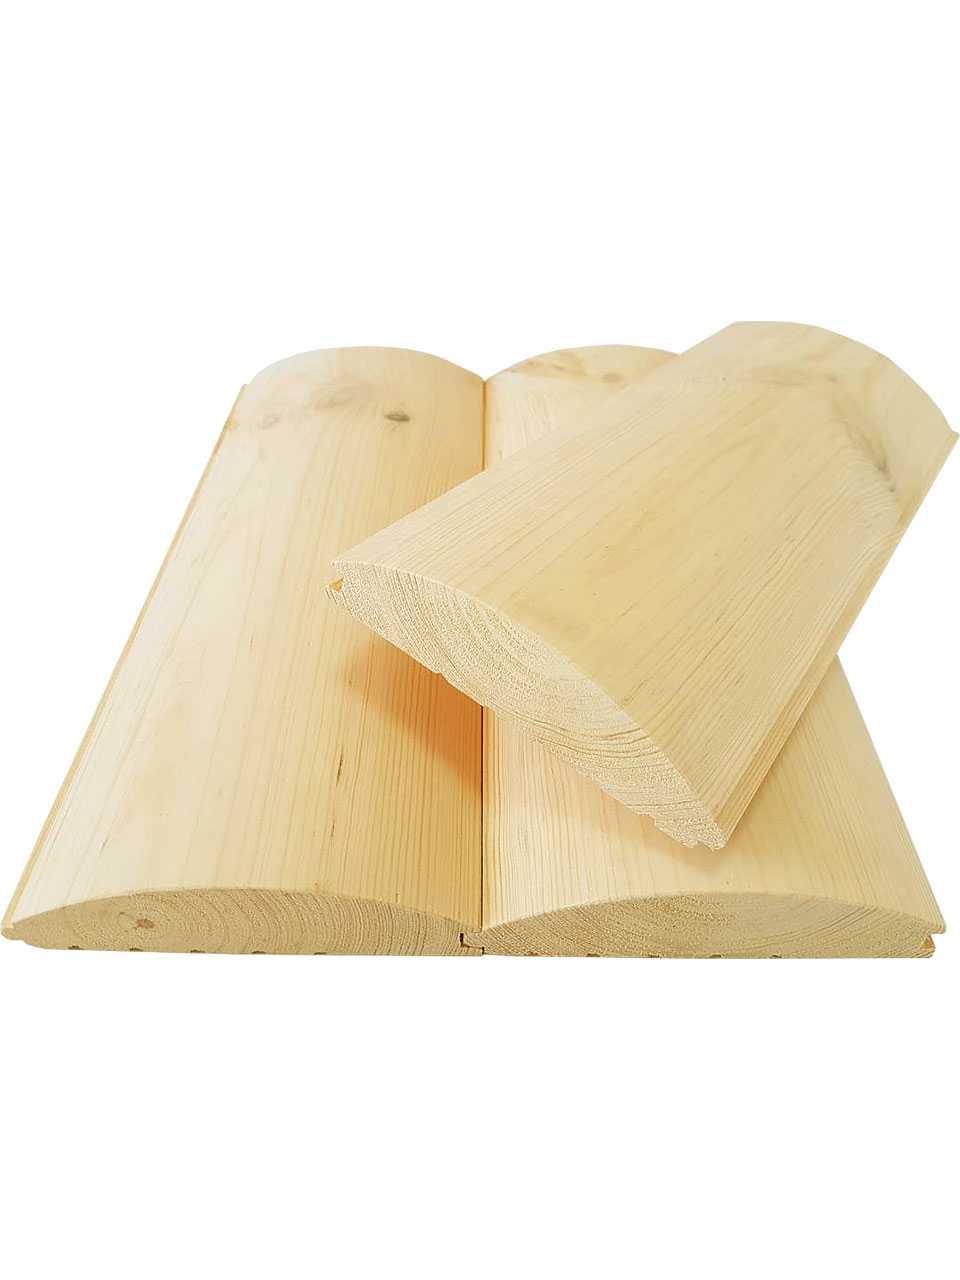 Блок-xаус сосна, ель 130x35x4,5 м